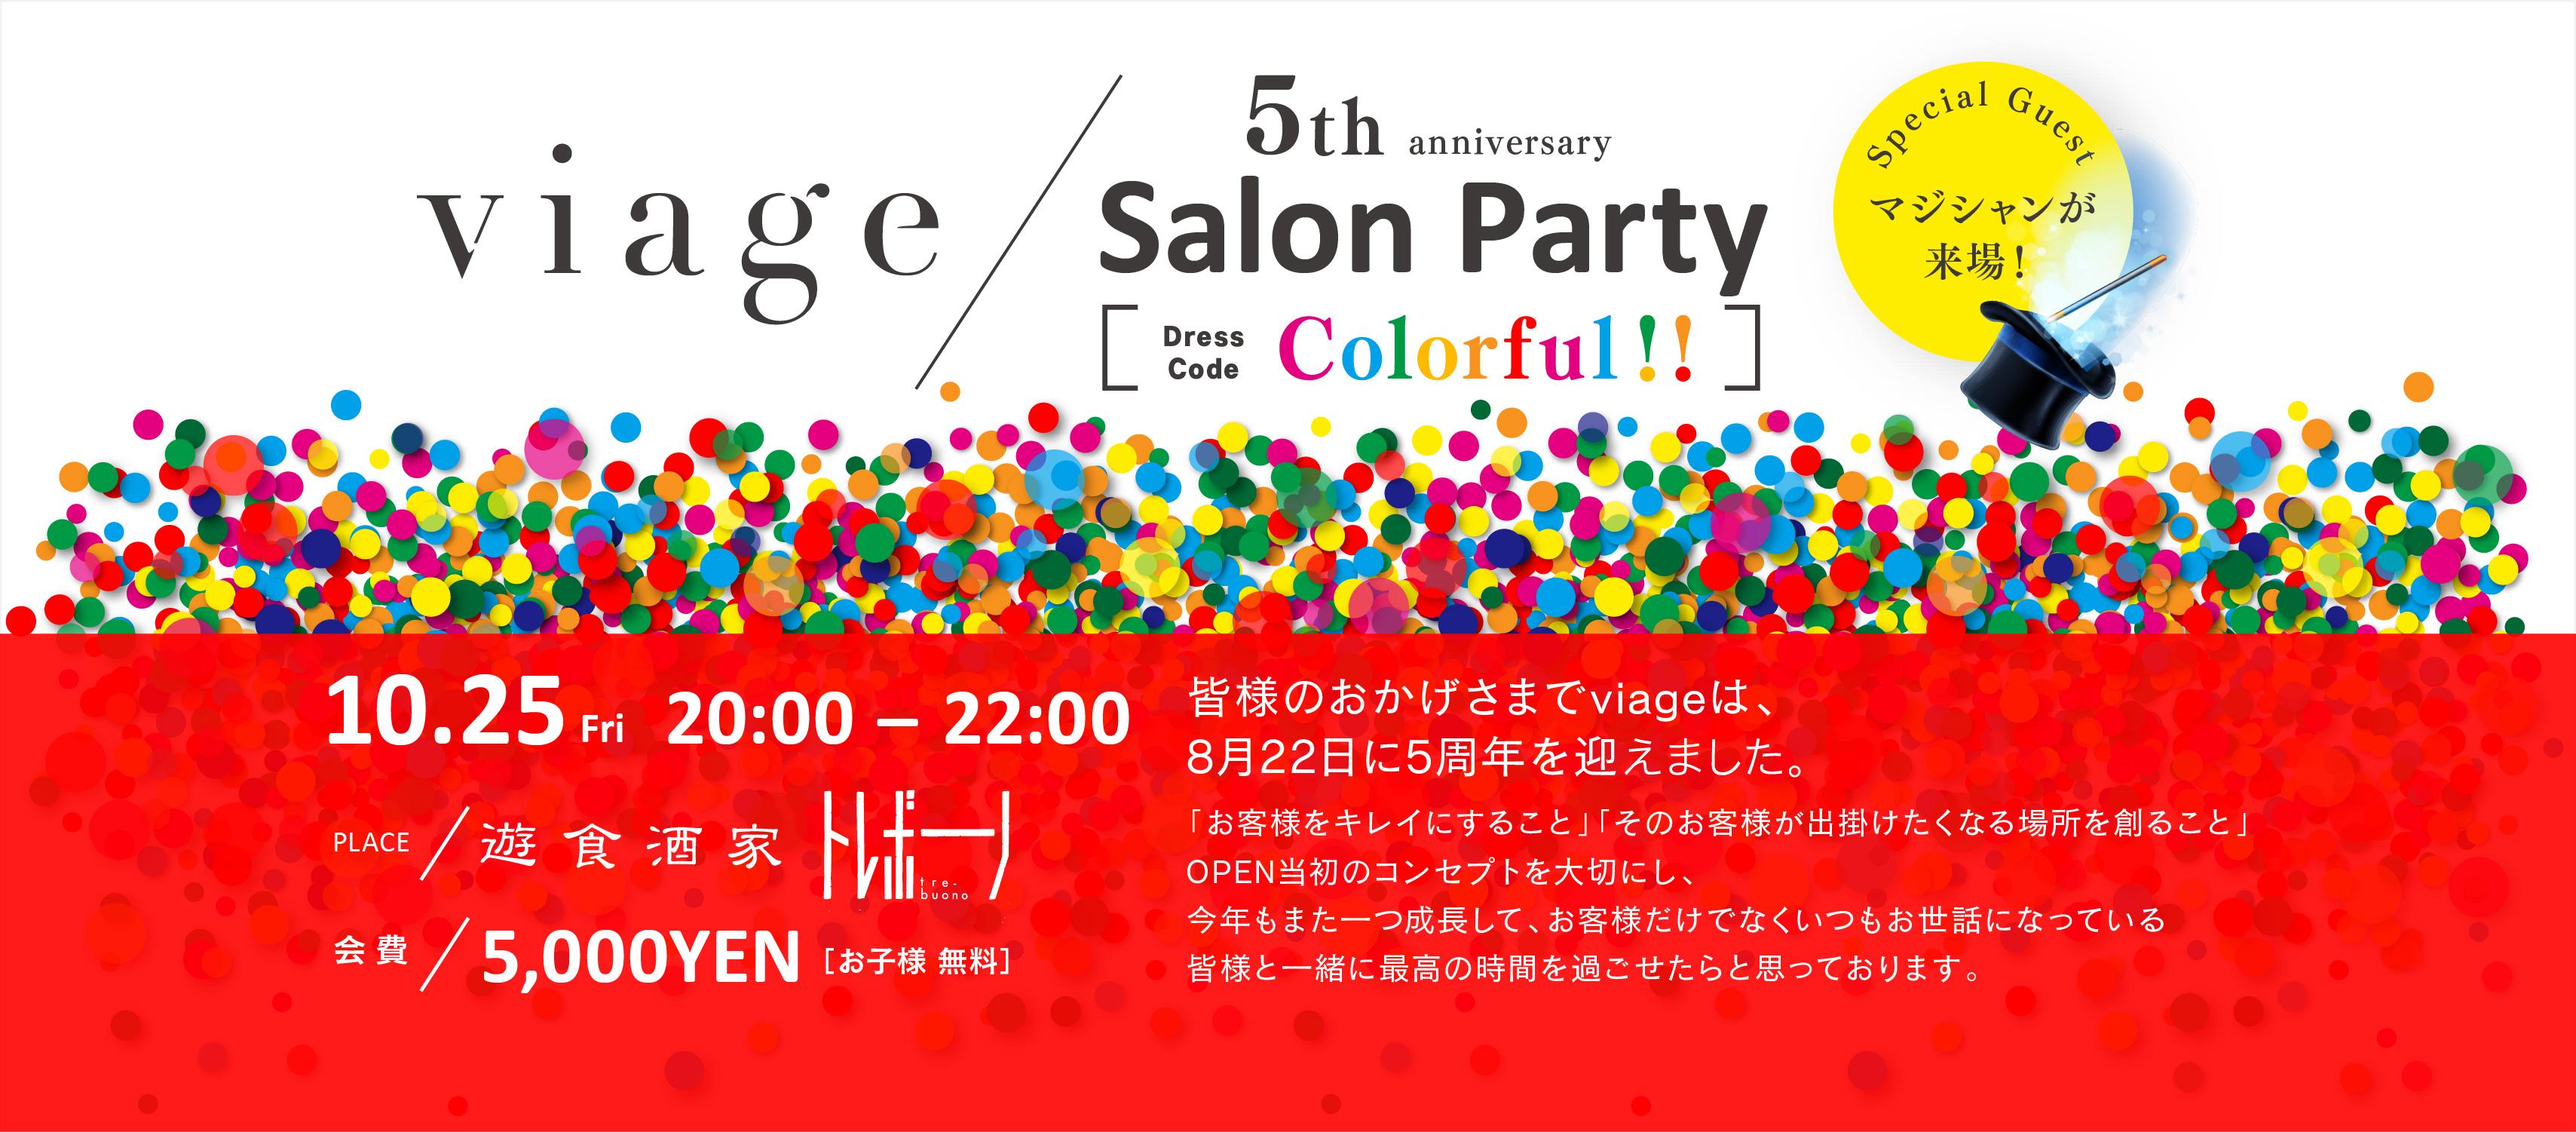 5周年記念パーティー開催のお知らせ